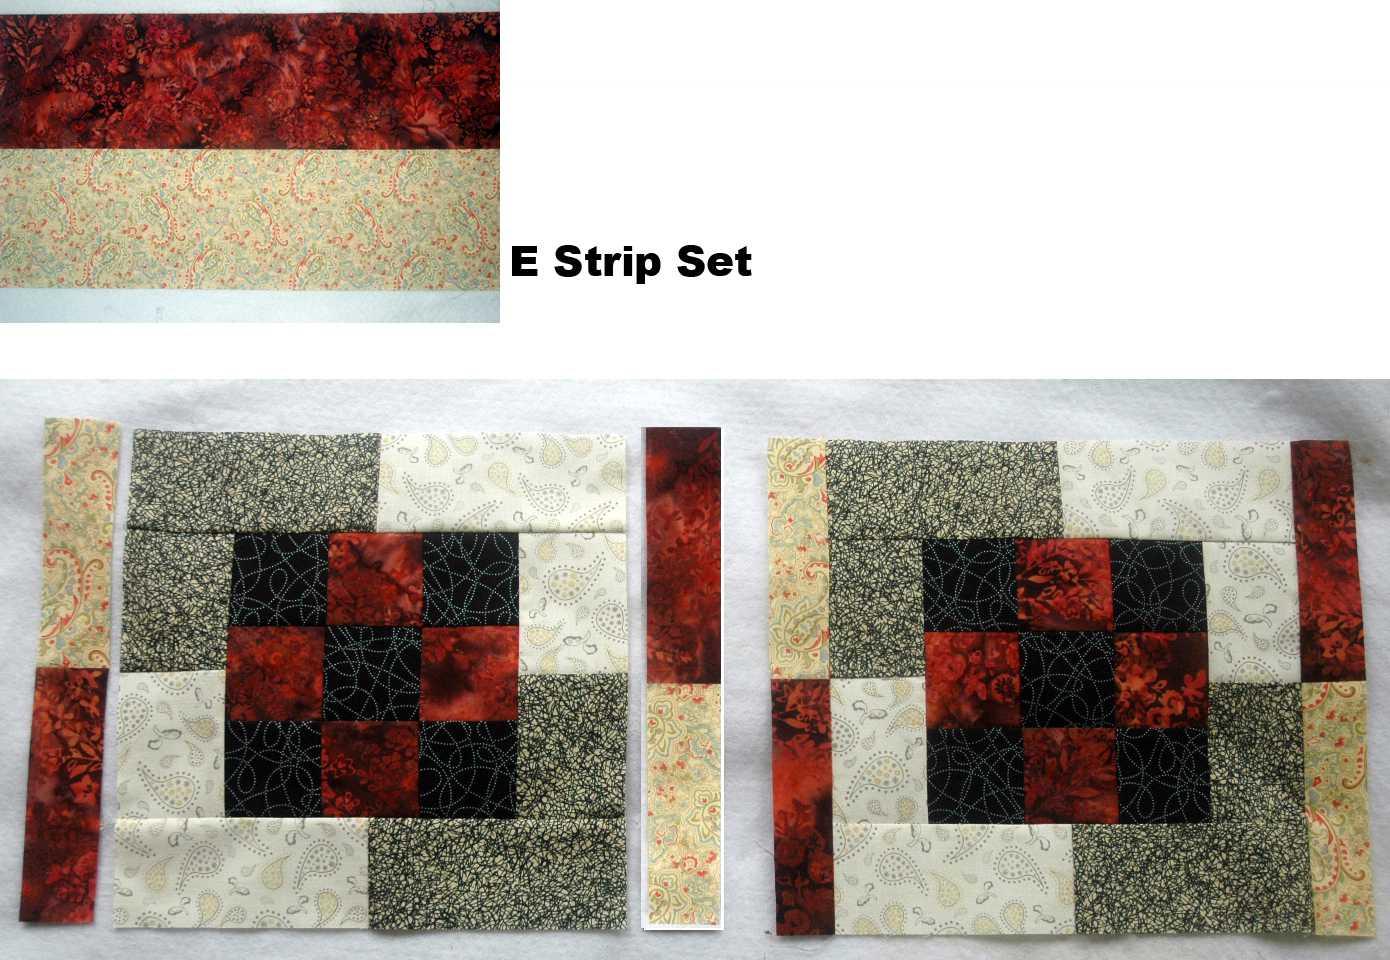 Sew E strip sets and add segments